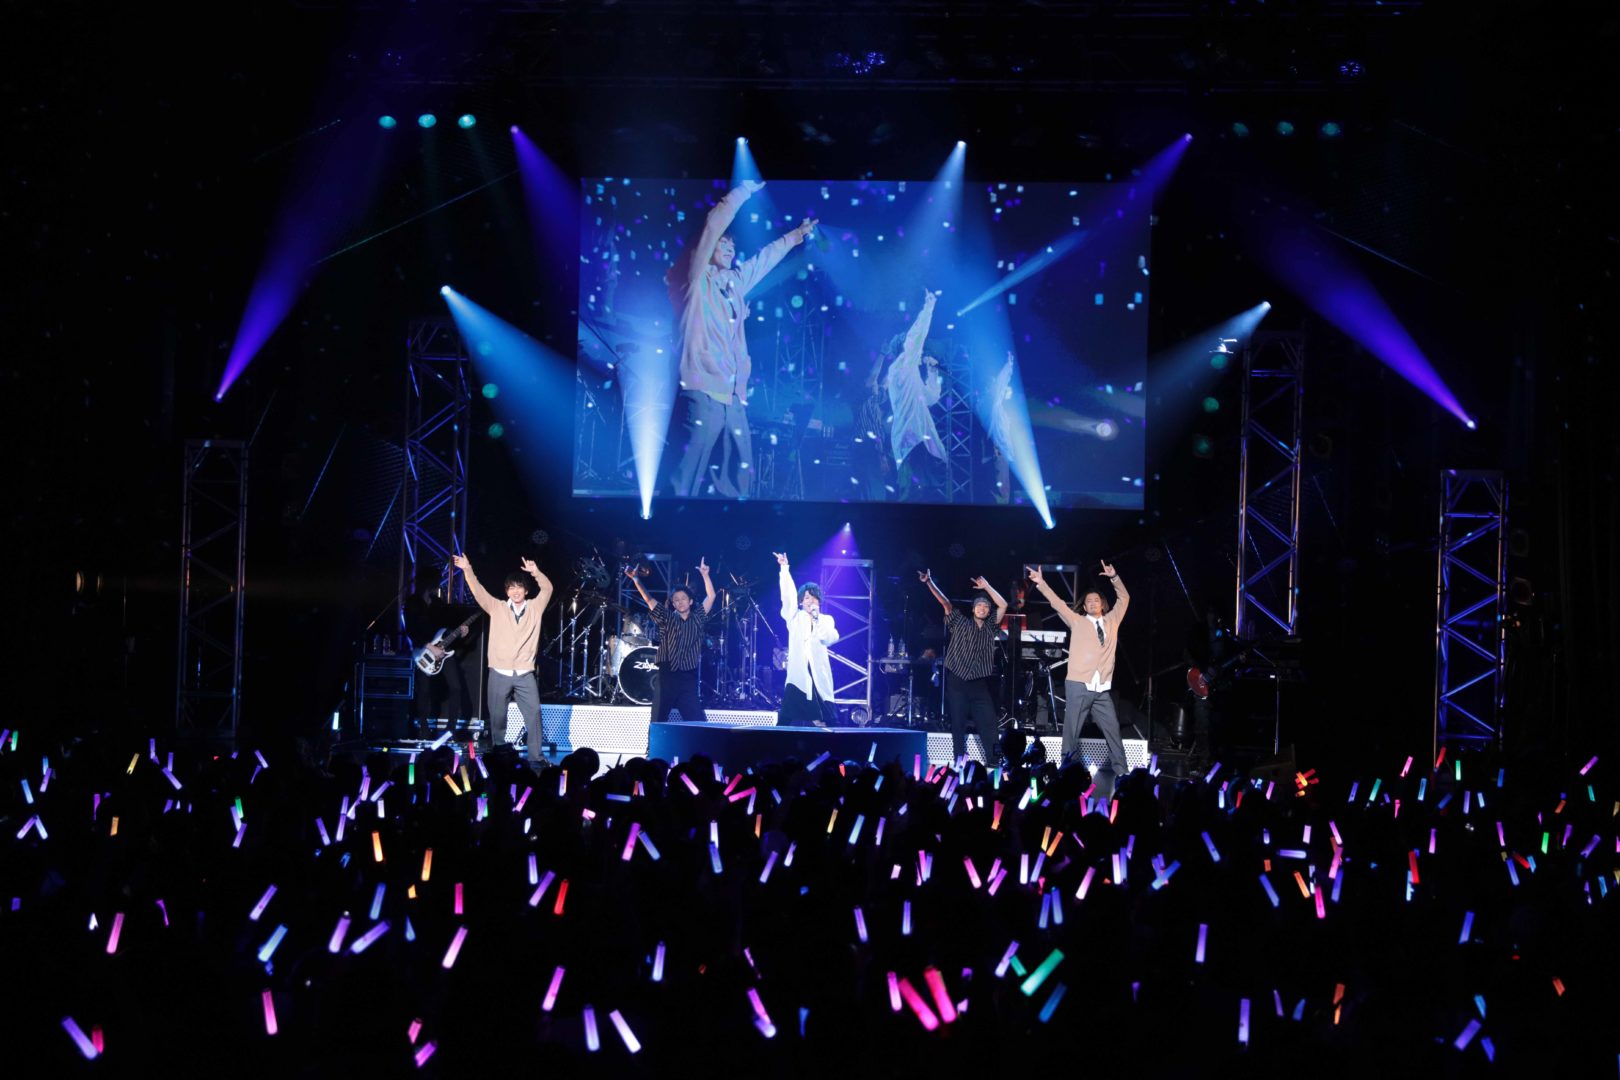 崎山つばさ『PREMIUM LIVE 2019-Flow*er-』